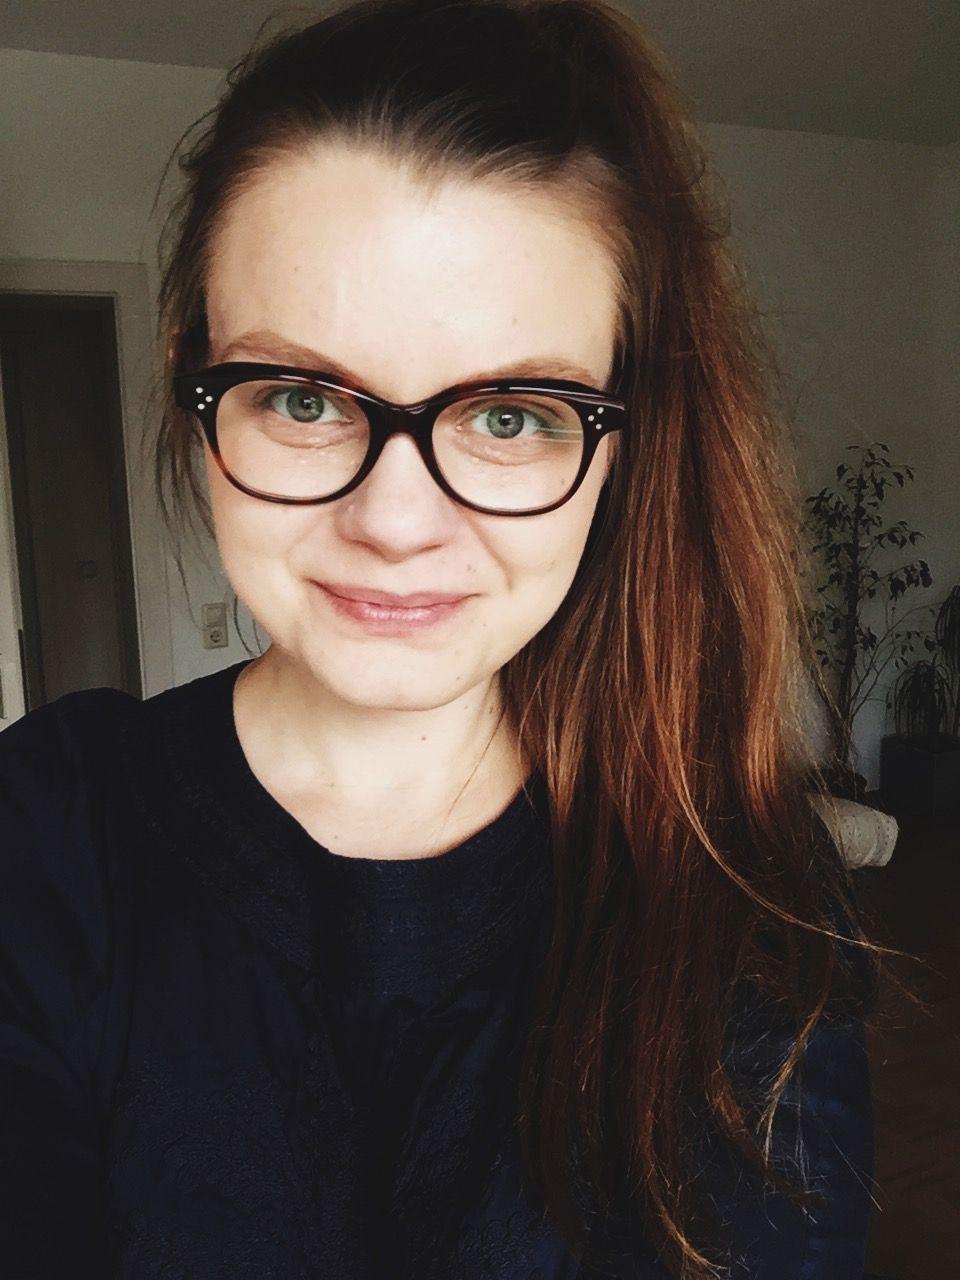 Agata Jankowski